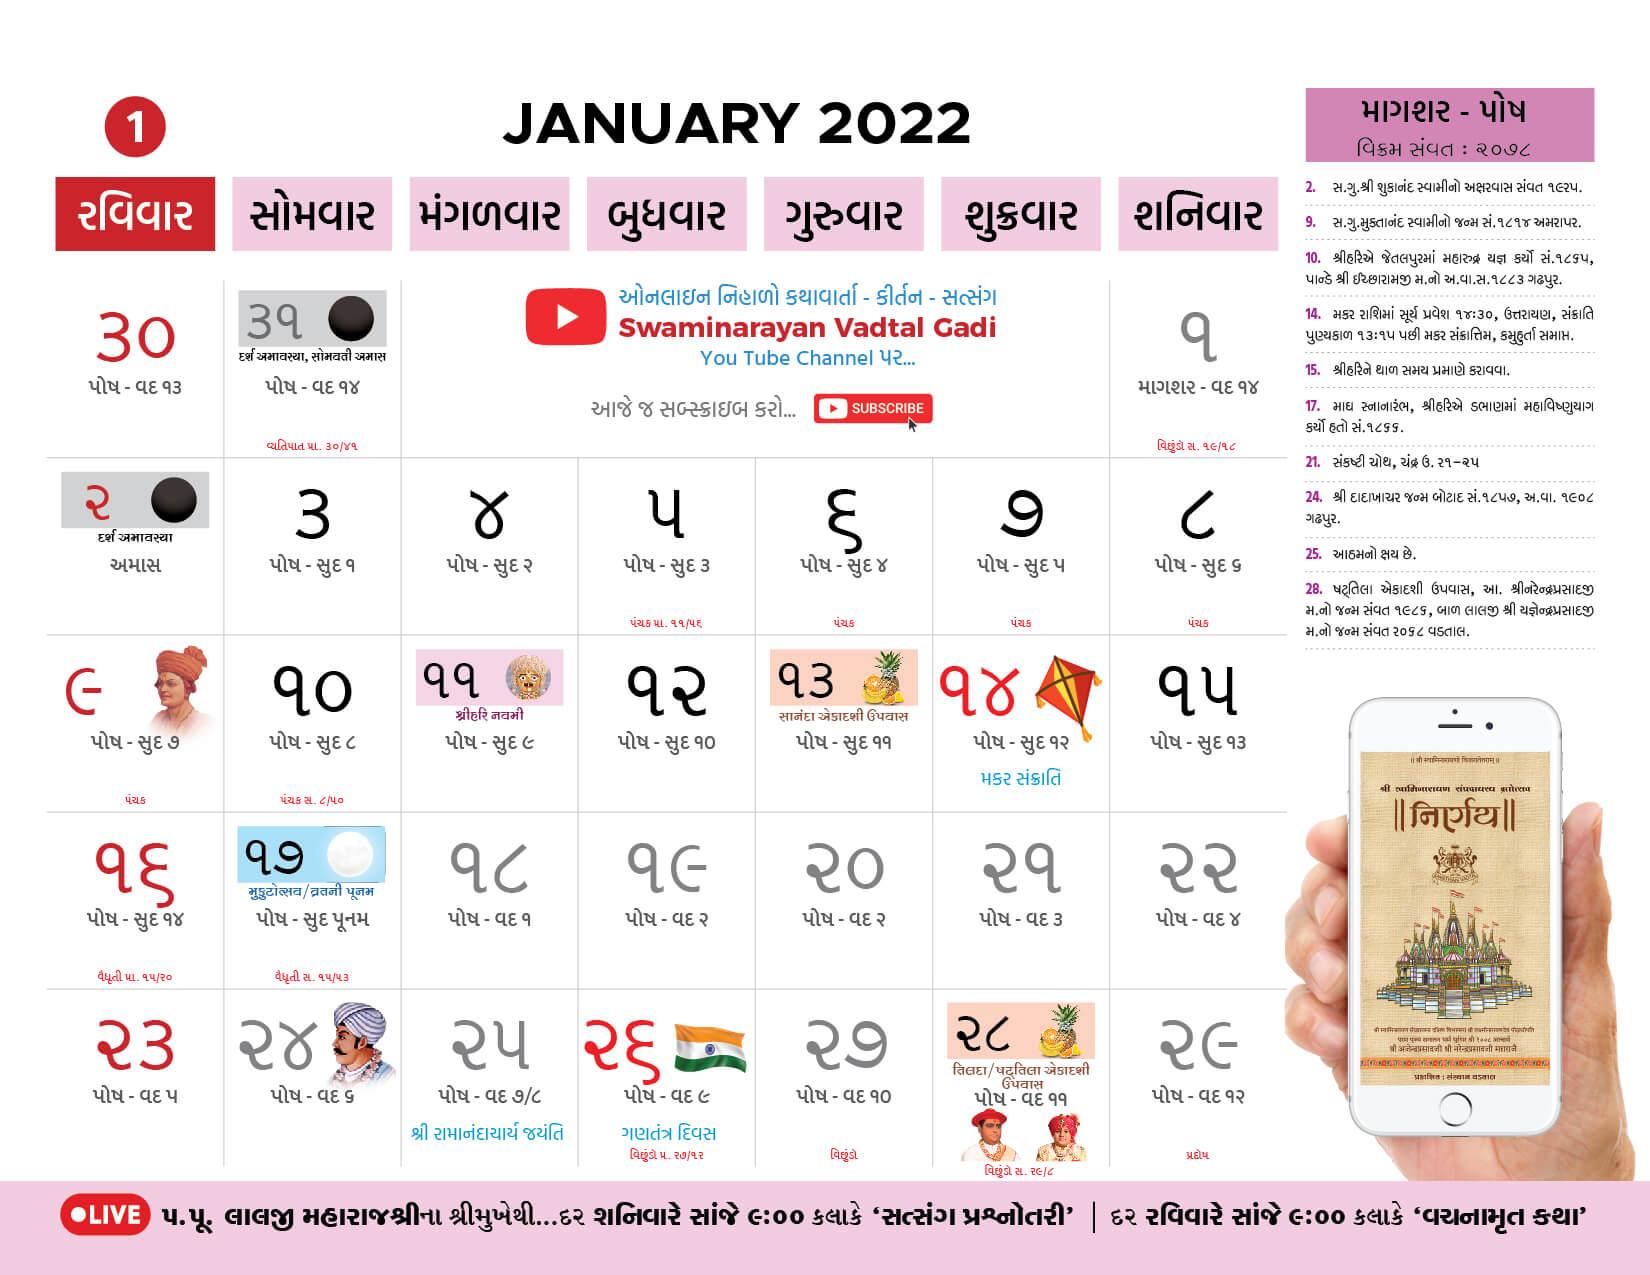 Jan 2022